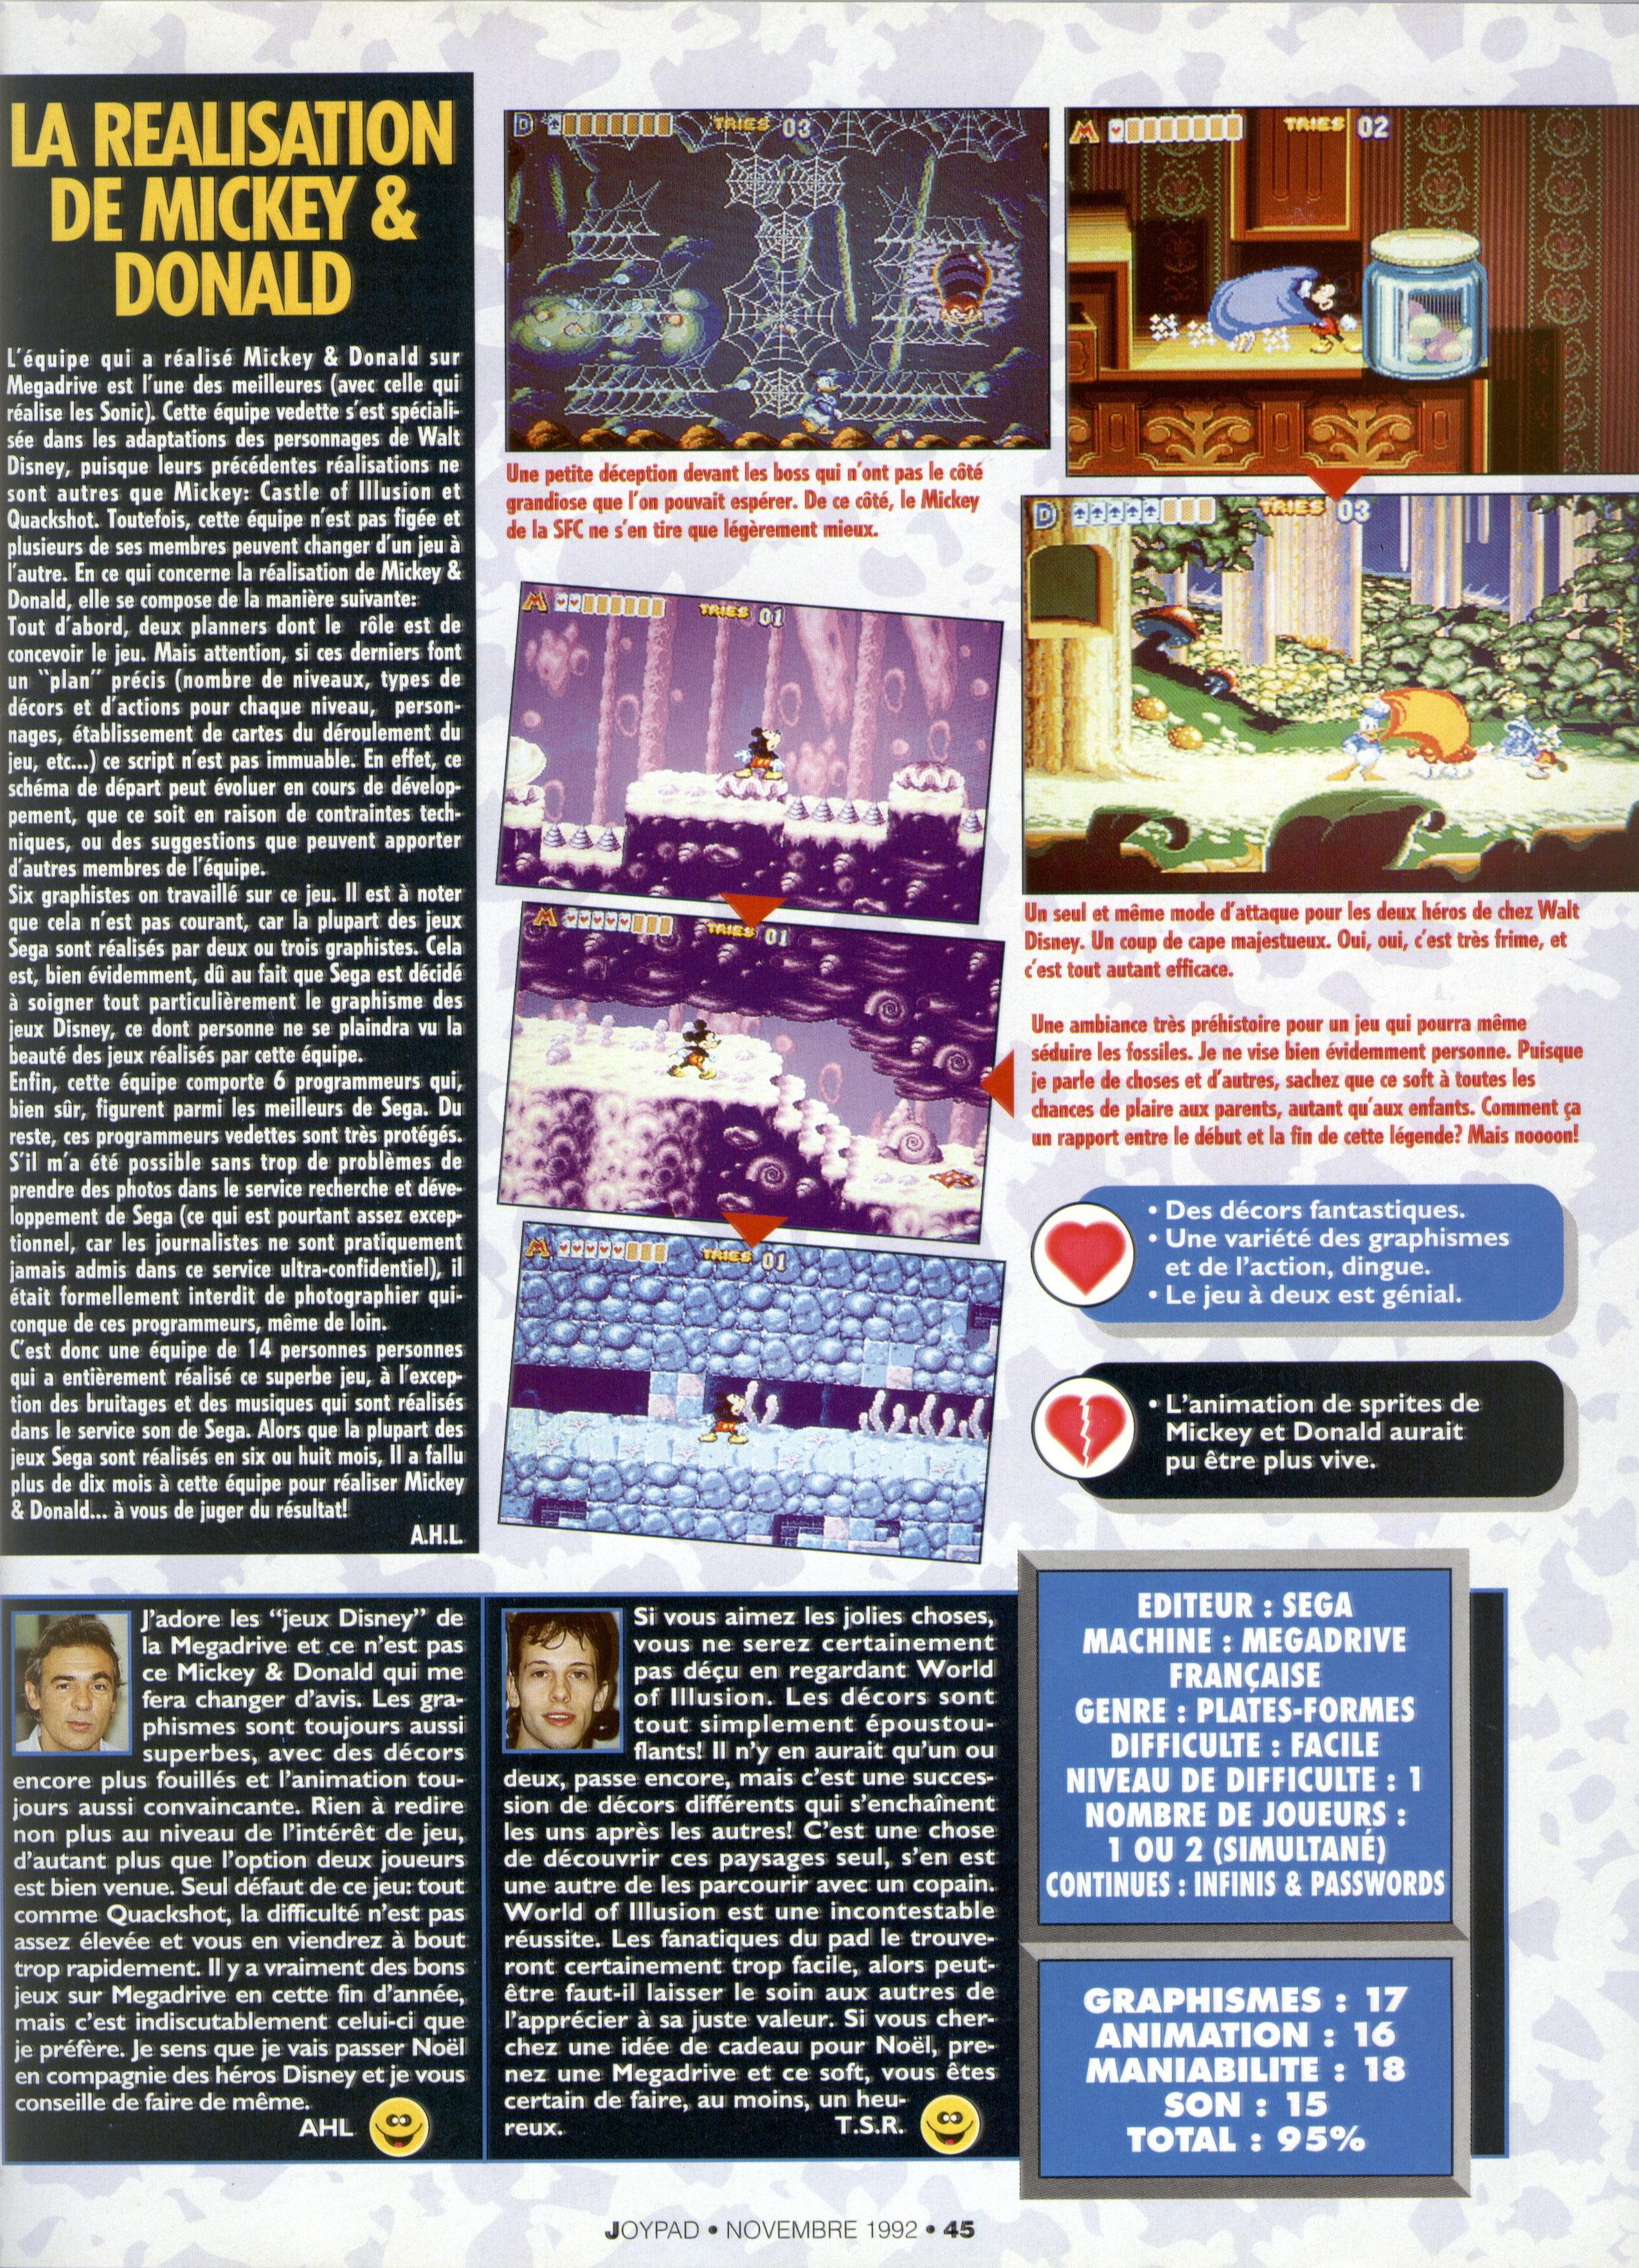 [Sondage] Le meilleur jeu Disney sur Mega Drive - Page 2 Joypad%20014%20-%20Page%20045%20%281992-11%29